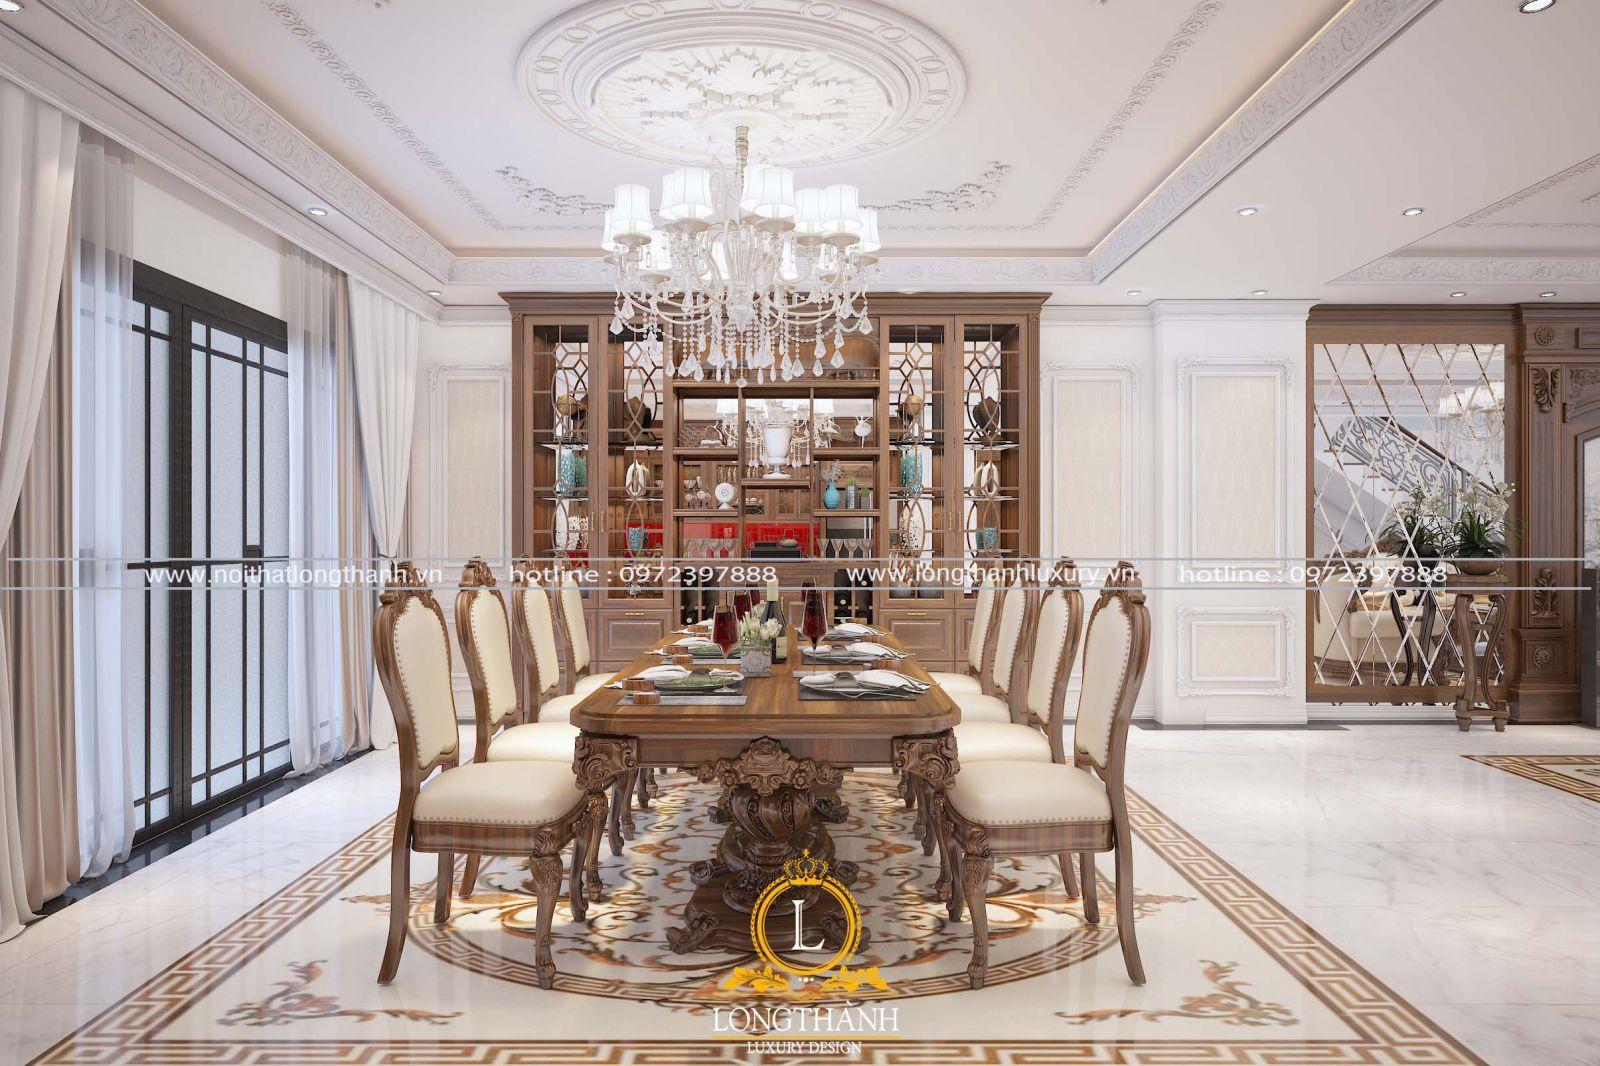 Bàn ghế ăn tân cổ điển mang giá trị thẩm mỹ và nâng tầm đẳng cấp của gia chủ